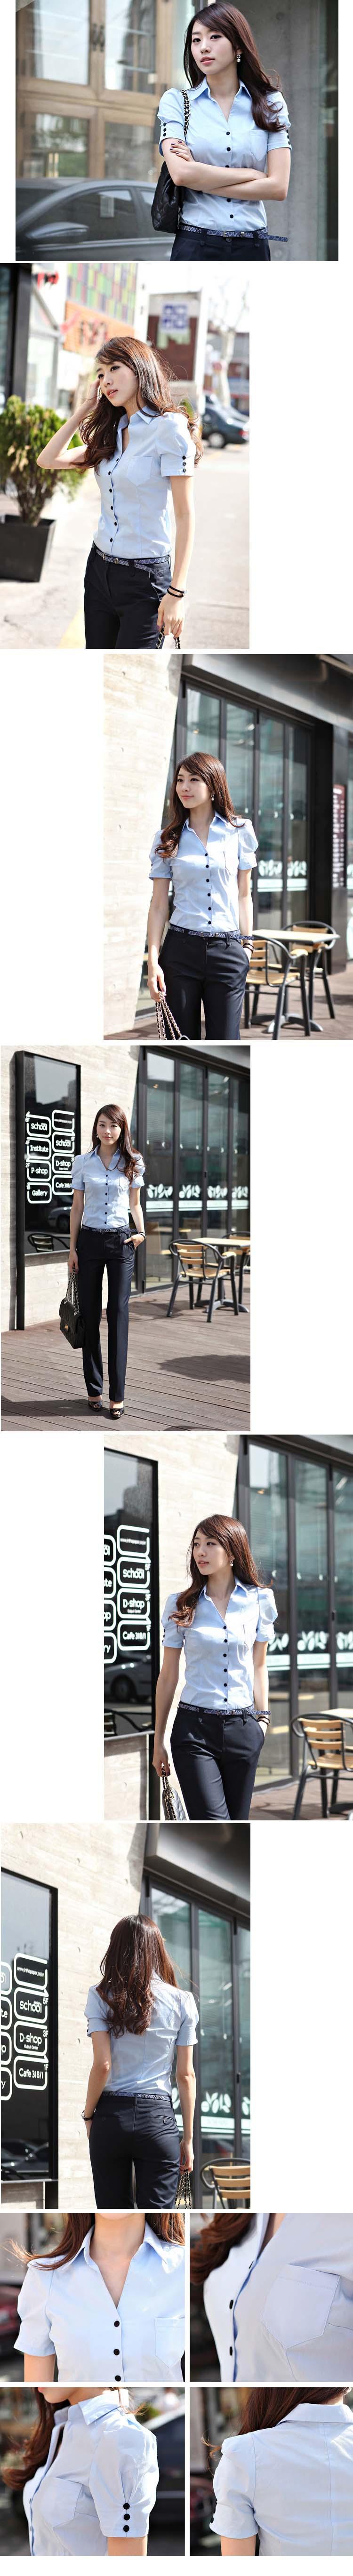 เสื้อเชิ้ต ทำงาน แฟชั่นเกาหลี ใหม่สวยแขนสั้นฟอร์มพนักงาน นำเข้า ไซส์S/M/L/XL พรีออเดอร์MI554 ราคา870บาท